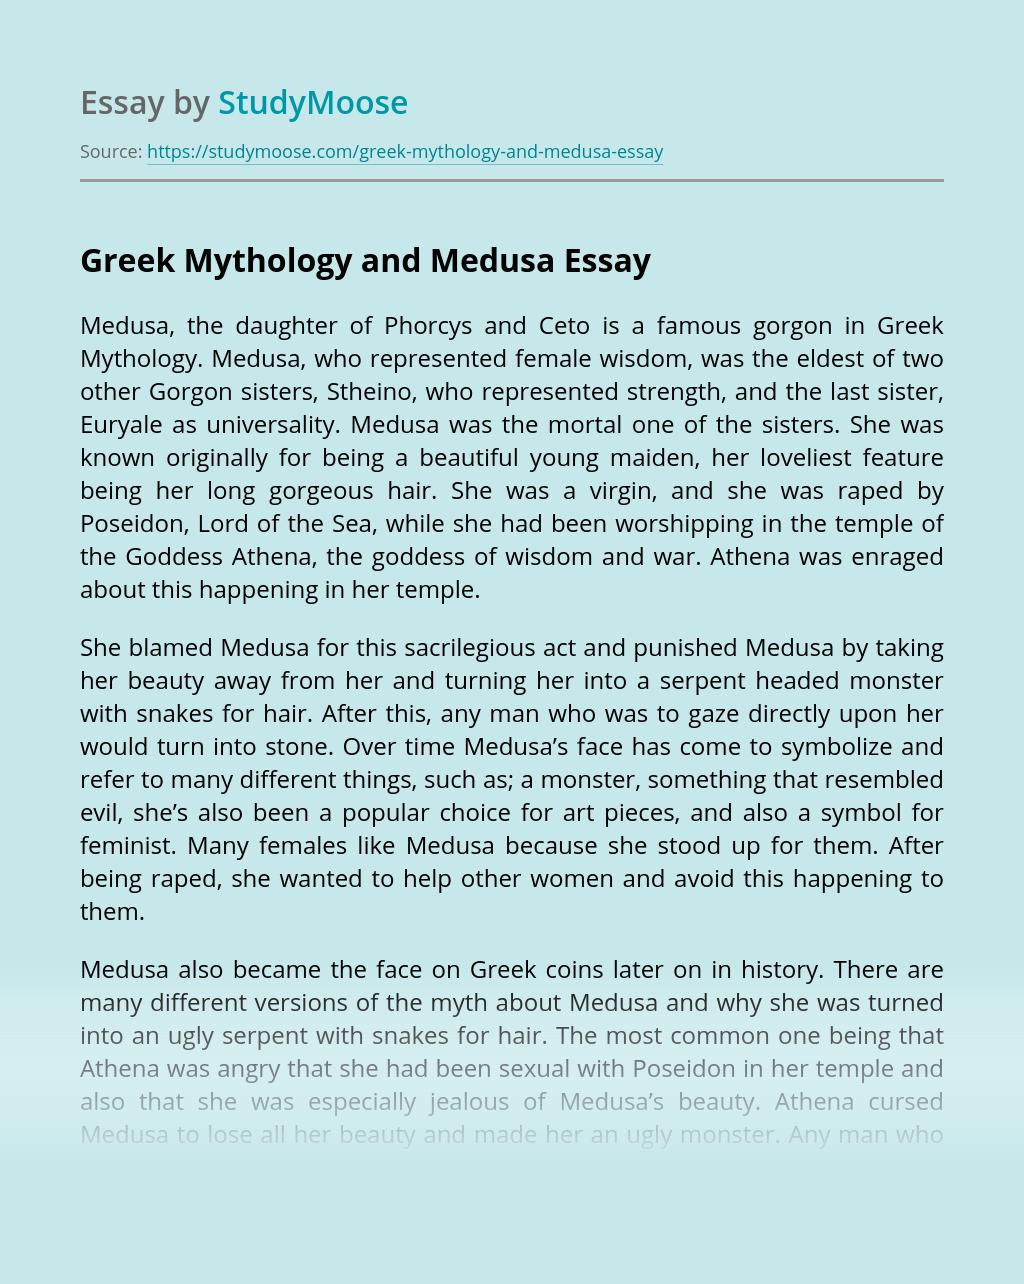 Greek Mythology and Medusa